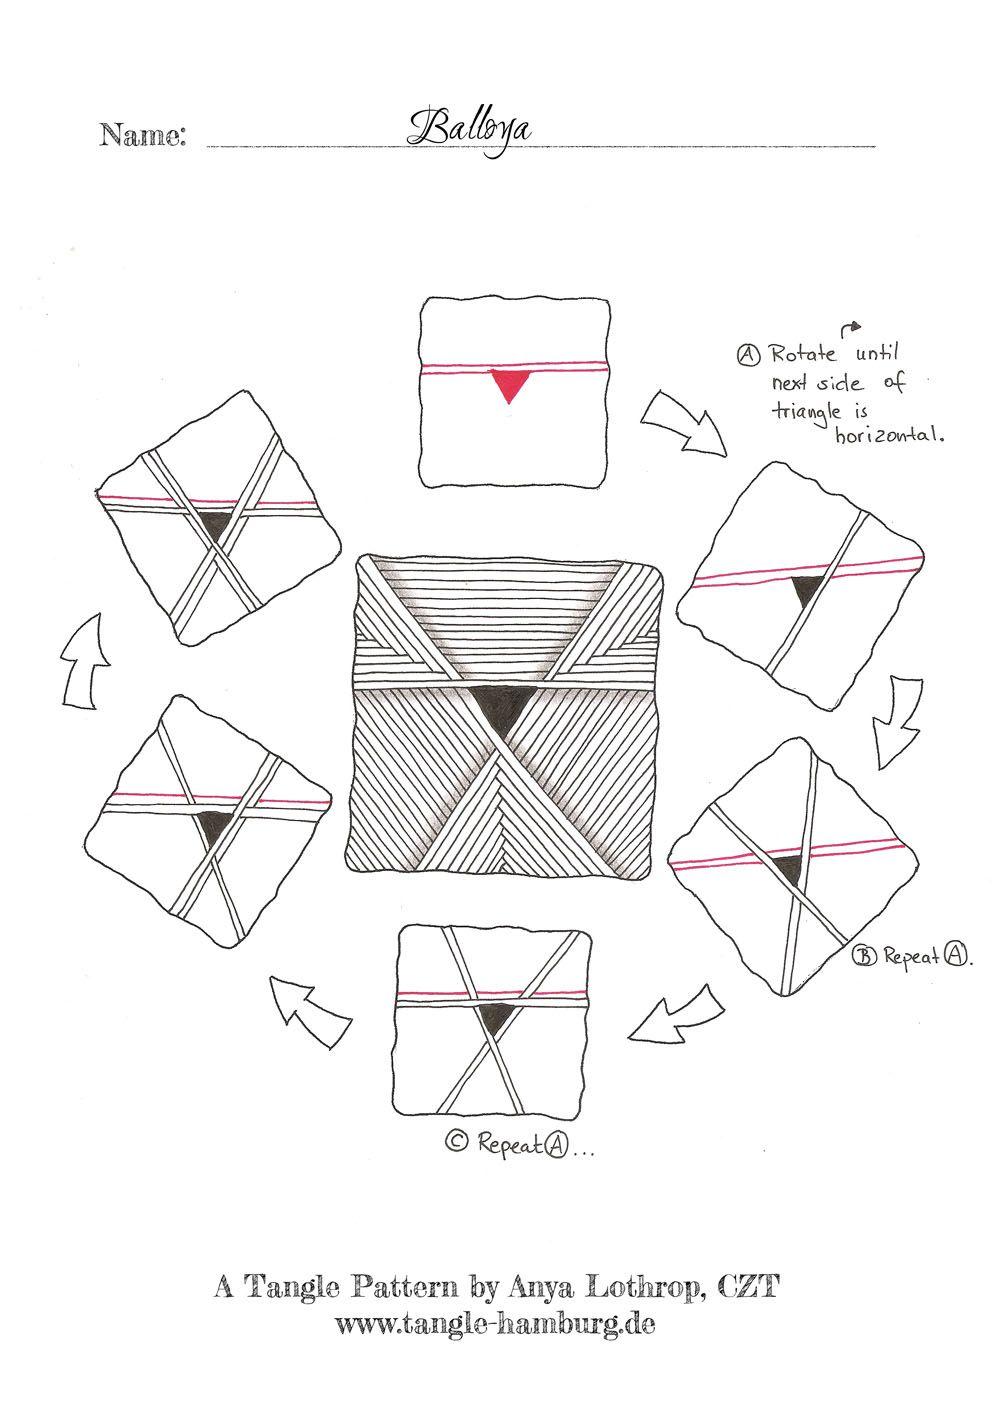 Balloya A New Tangle Pattern Ein Neues Tangle Muster